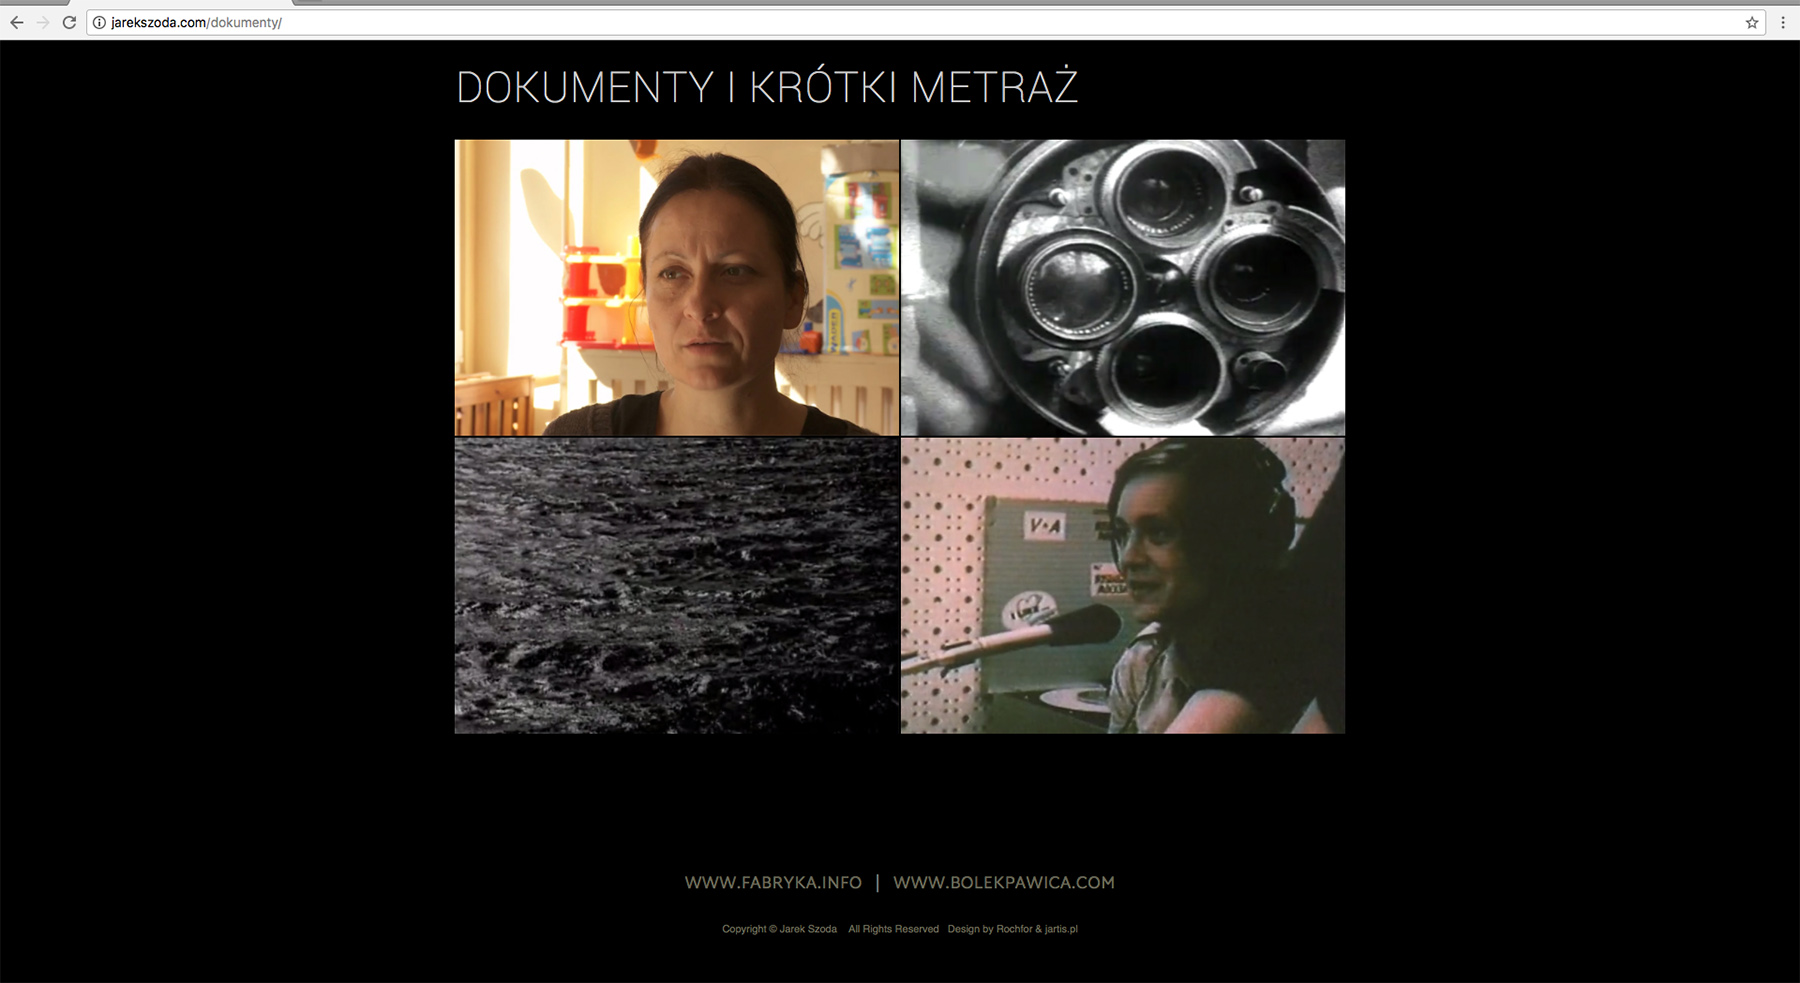 strona internetowa wykonana dla Jarka Szoda (2016)